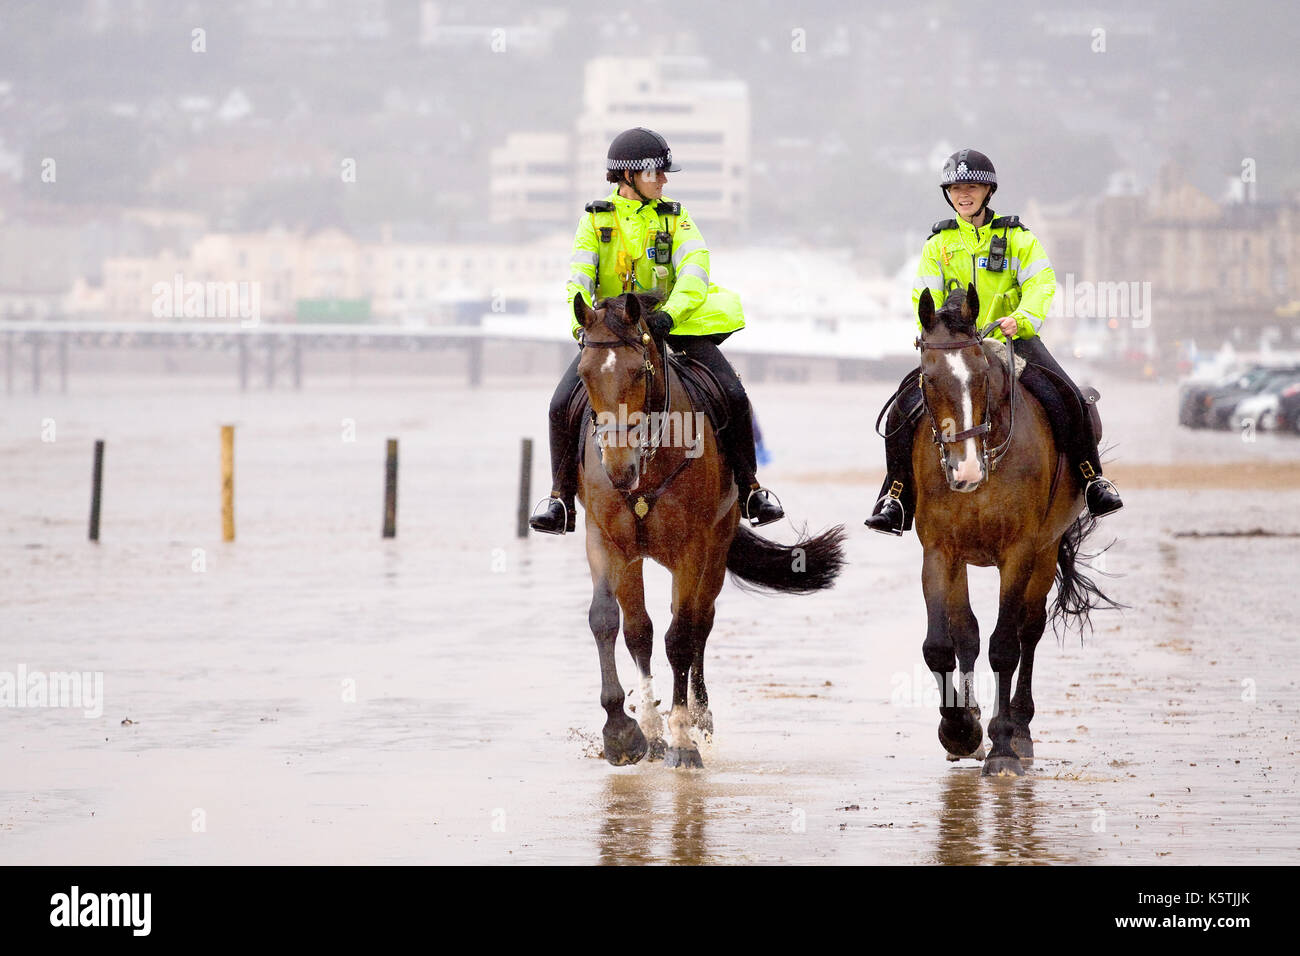 Due mouned donna di polizia, di pattuglia, in divise fluorescenti a cavallo.la loro polizia cavalli lungo una spiaggia in wet ventoso. Immagini Stock